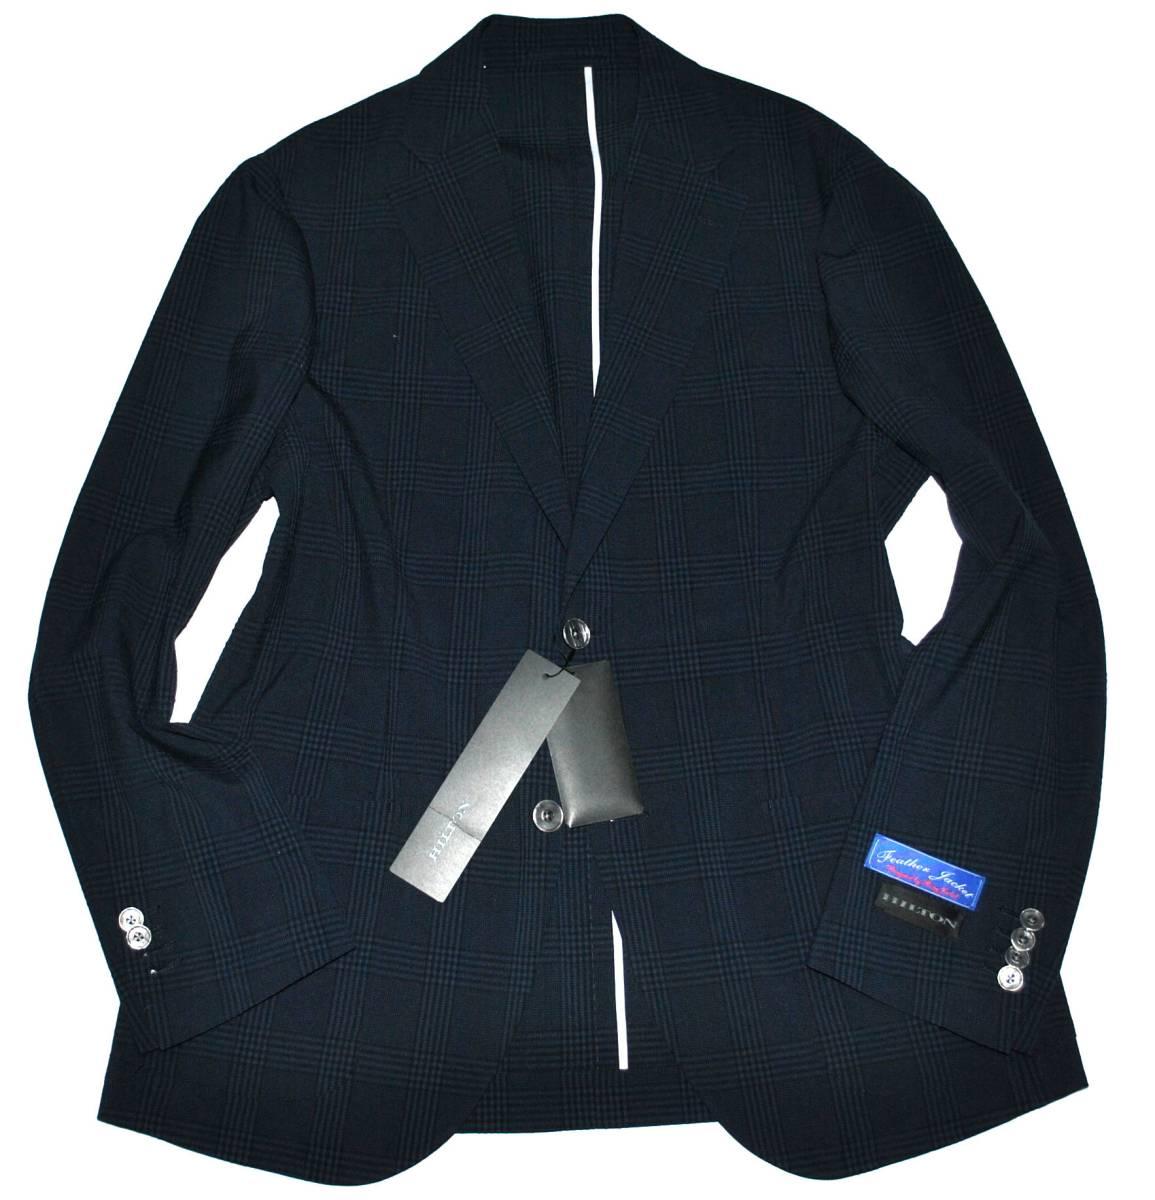 【新品タグ付き】HILTON ヒルトン グレンチェック 濃紺 最高級 ジャケット size L